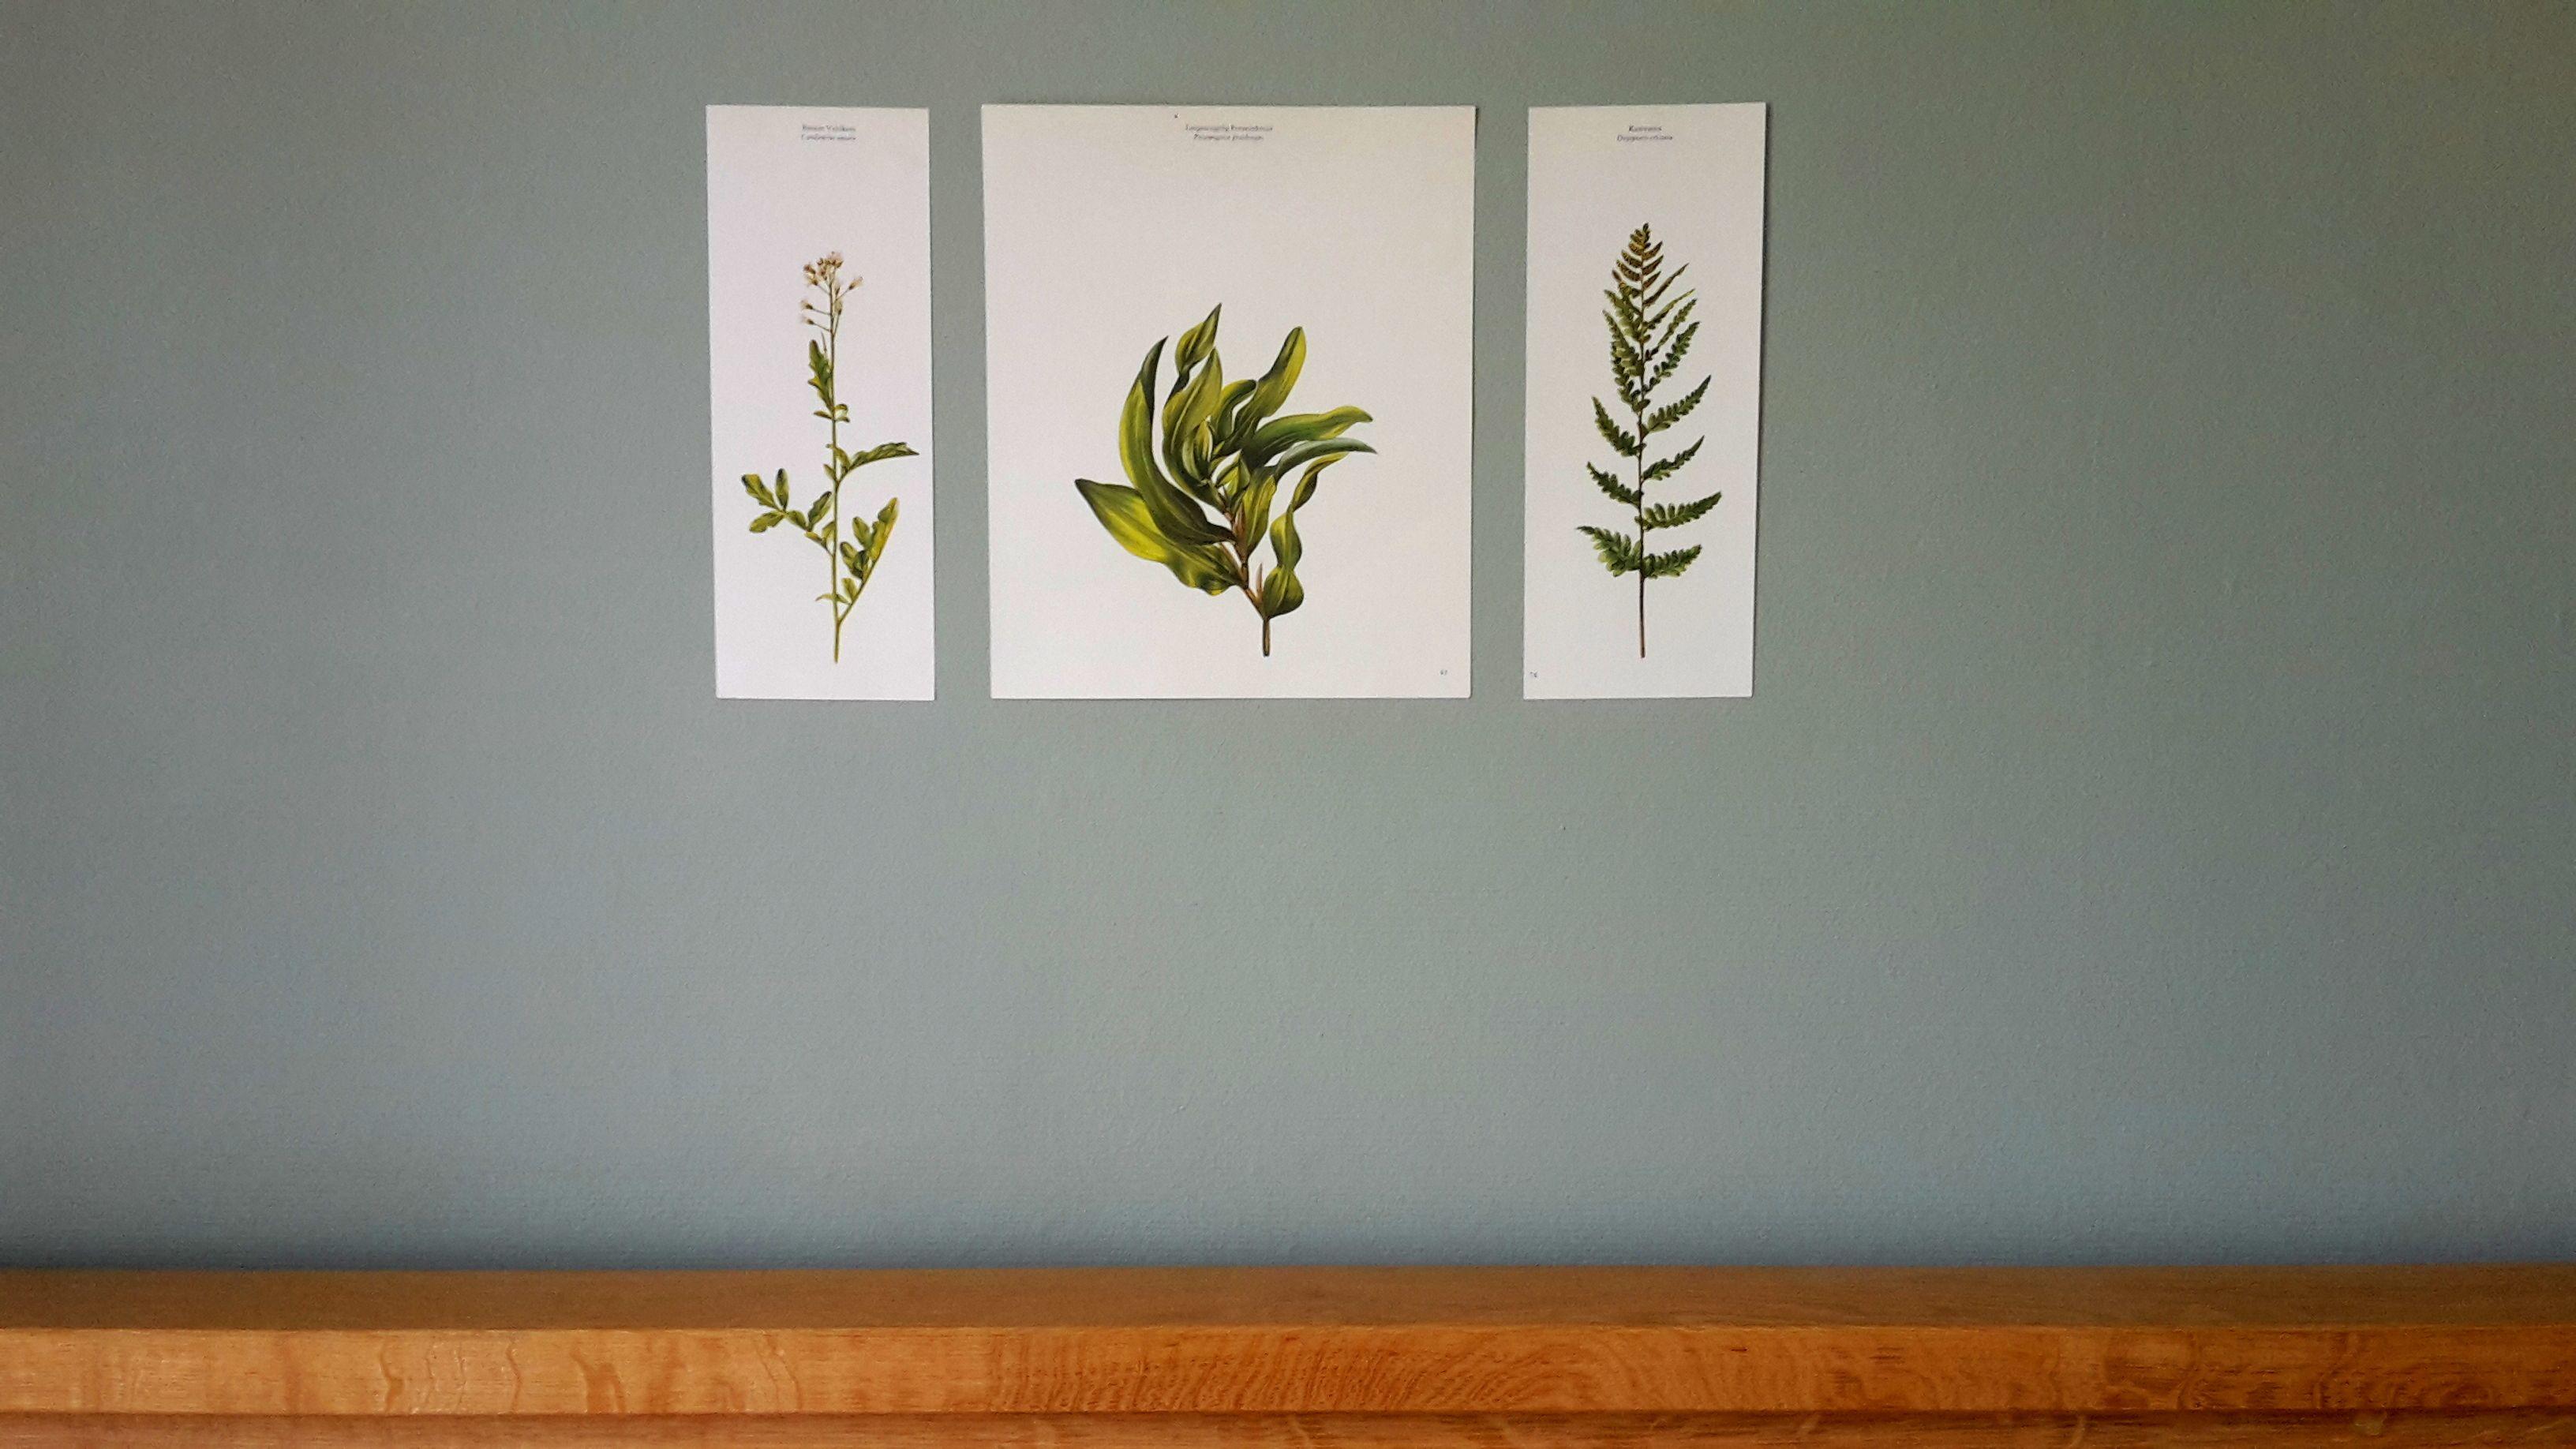 Oude Botanische Prenten : Botanical botanische prenten leuk om op te hangen met of zonder